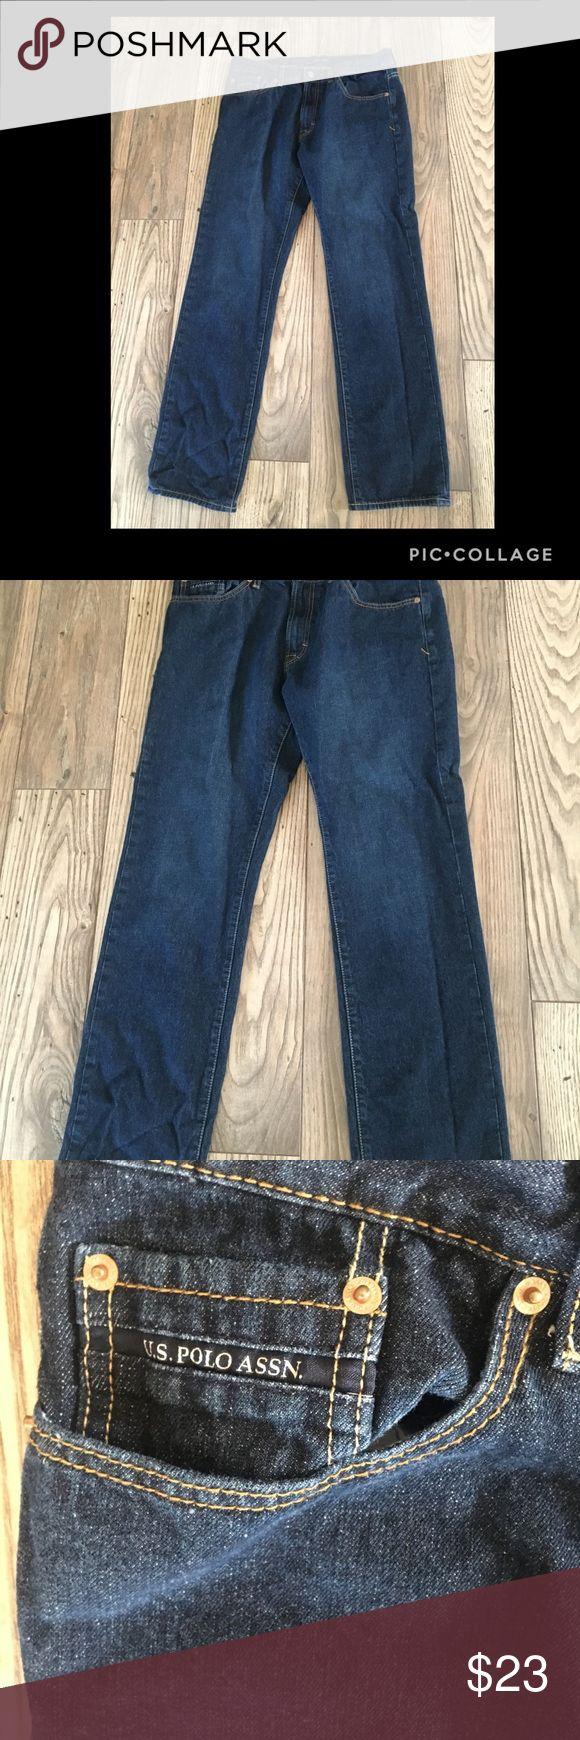 Men's US Polo 34/32 Jeans Men's US Polo Association Jeans Size: 34/32 U.S. Polo Assn. Jeans